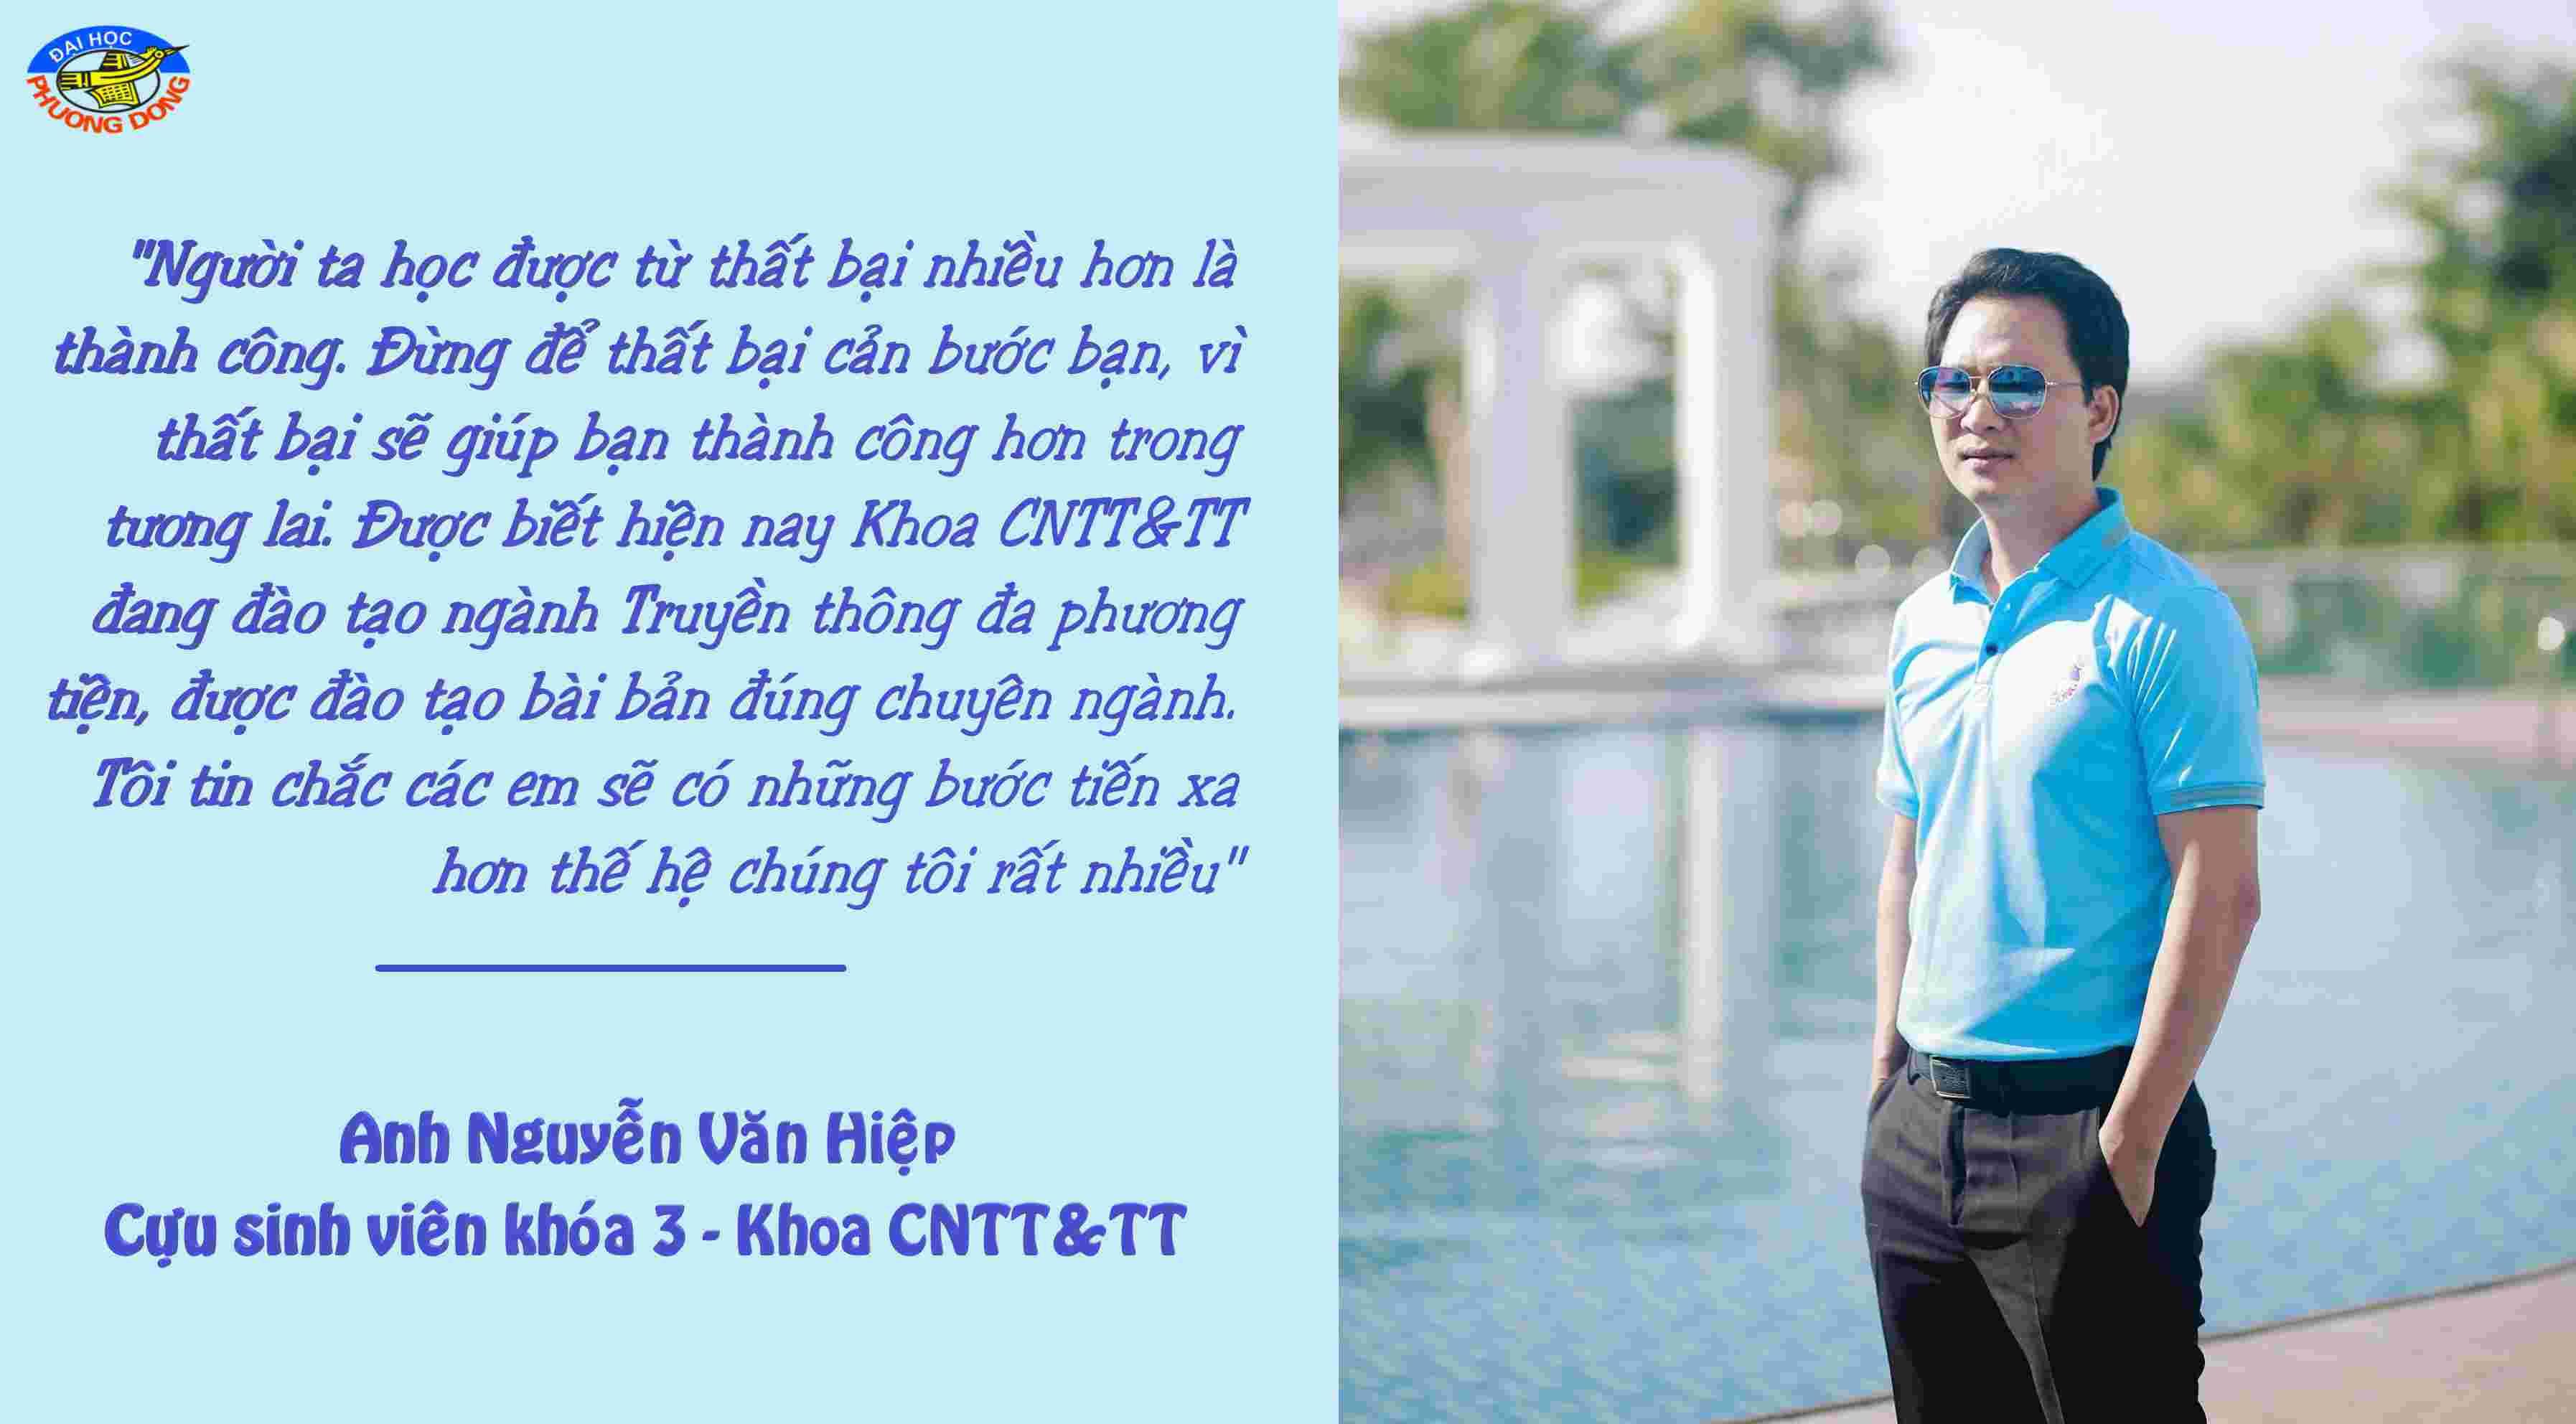 Cựu sinh viên Khoa CNTT&TT đã bén duyên với lĩnh vực Truyền thông đa phương tiện như thế nào...